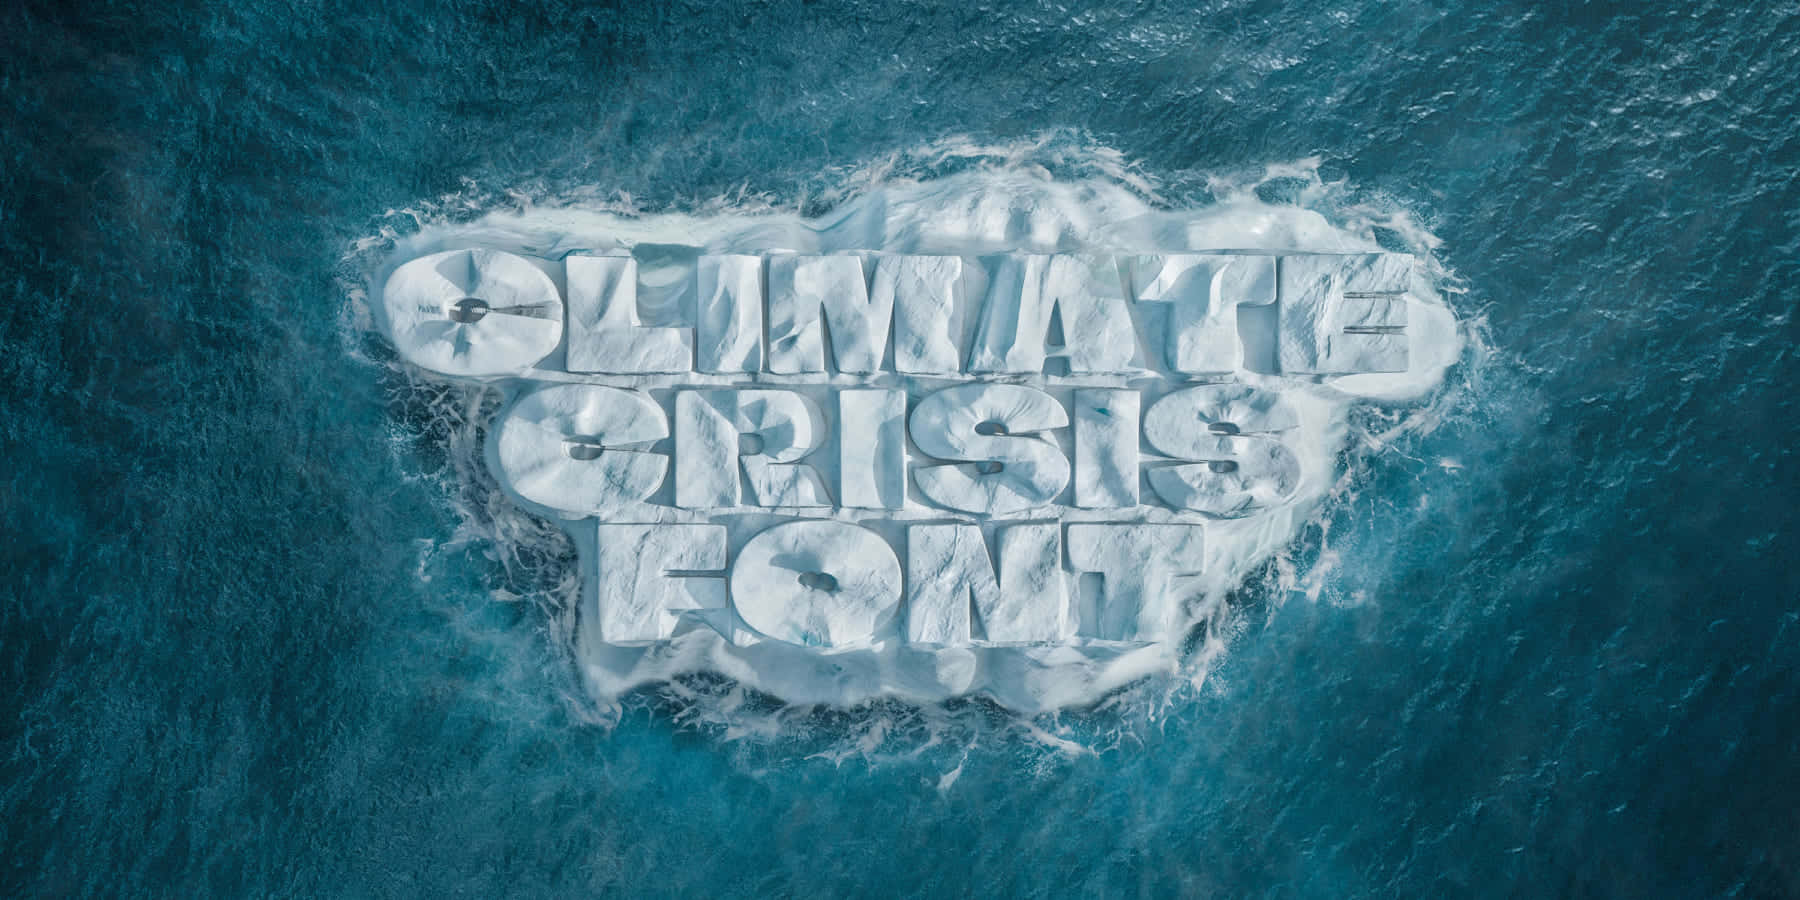 気候危機の真実を伝える、溶けていくフォント「Climate Crisis Font」